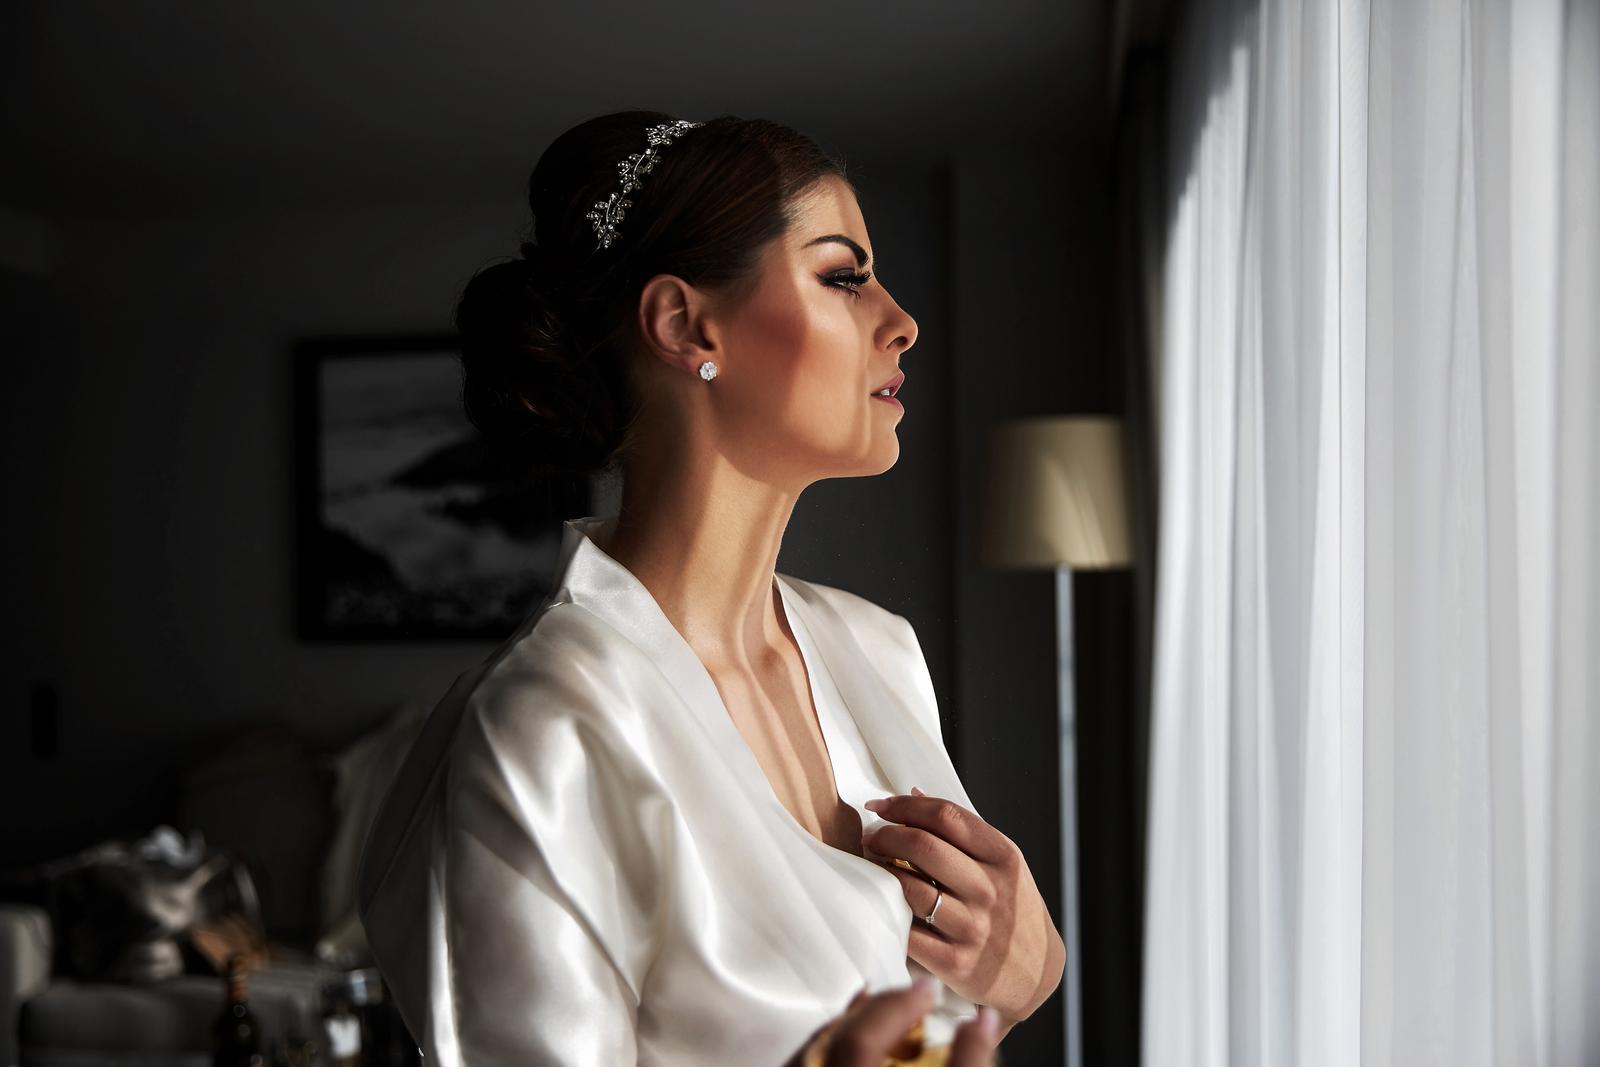 Ahoj @slavomira0811  ponúkam luxusné fotografie... - Obrázok č. 1